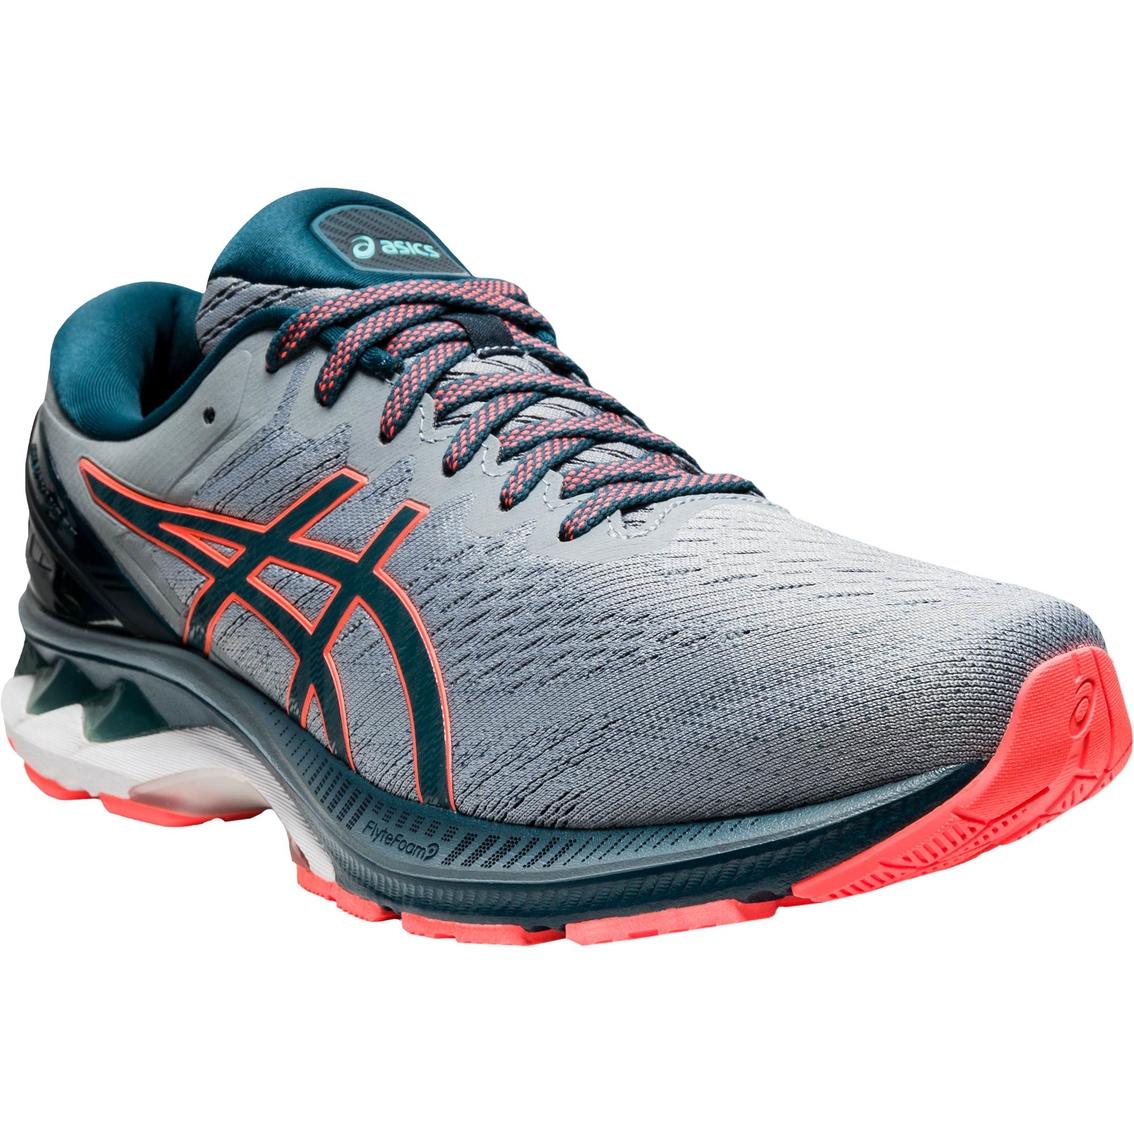 Asics Men's Gel Kayano 27 Running Shoes